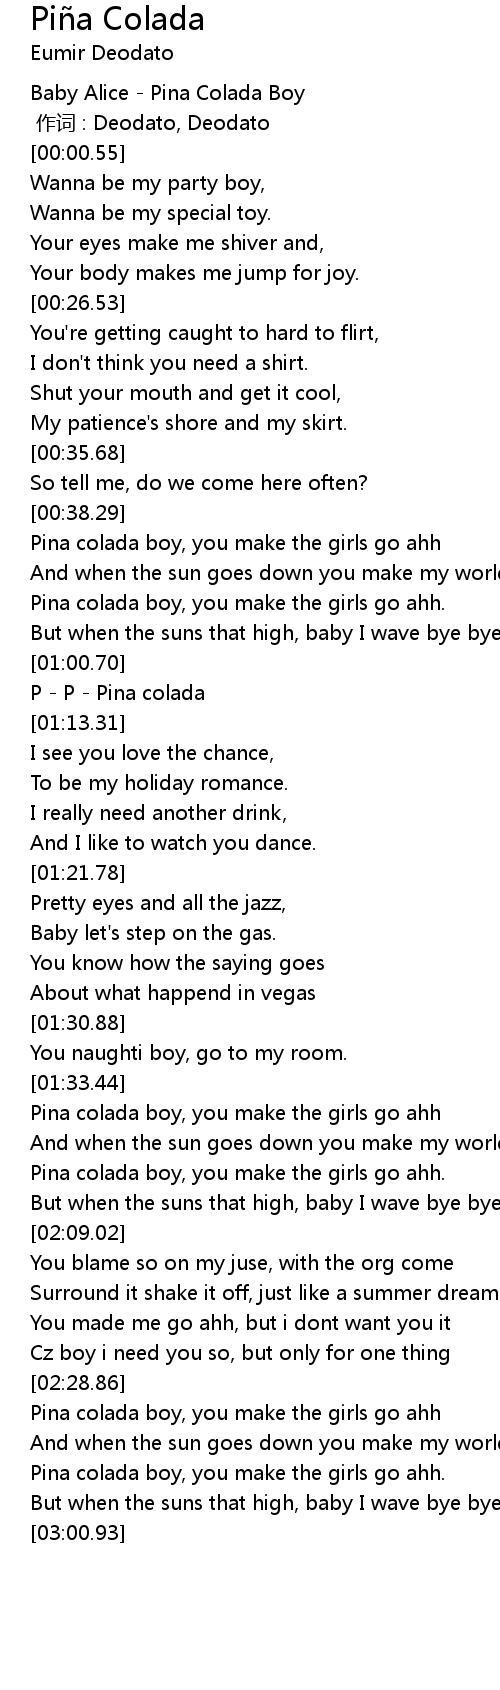 Piña Colada Pi a Colada Lyrics   Follow Lyrics